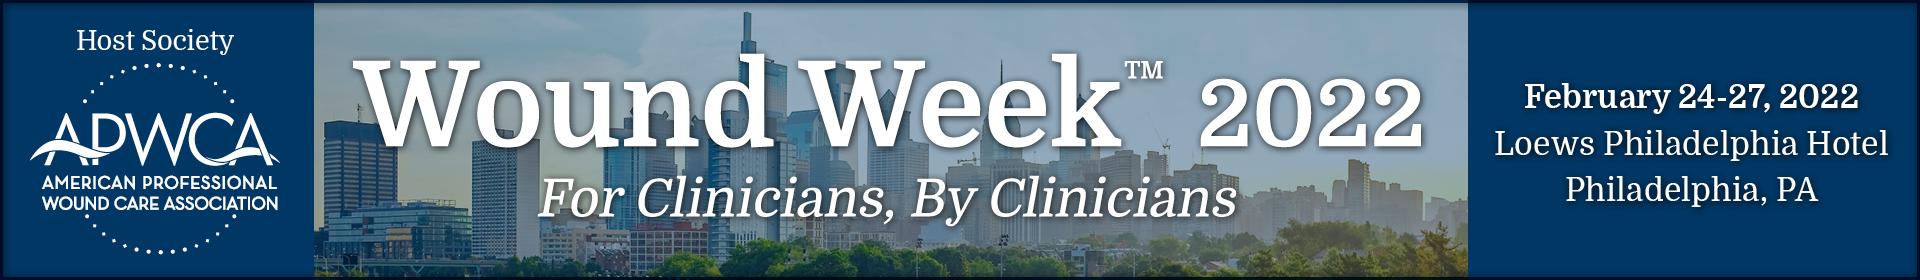 Wound Week 2022 Event Banner